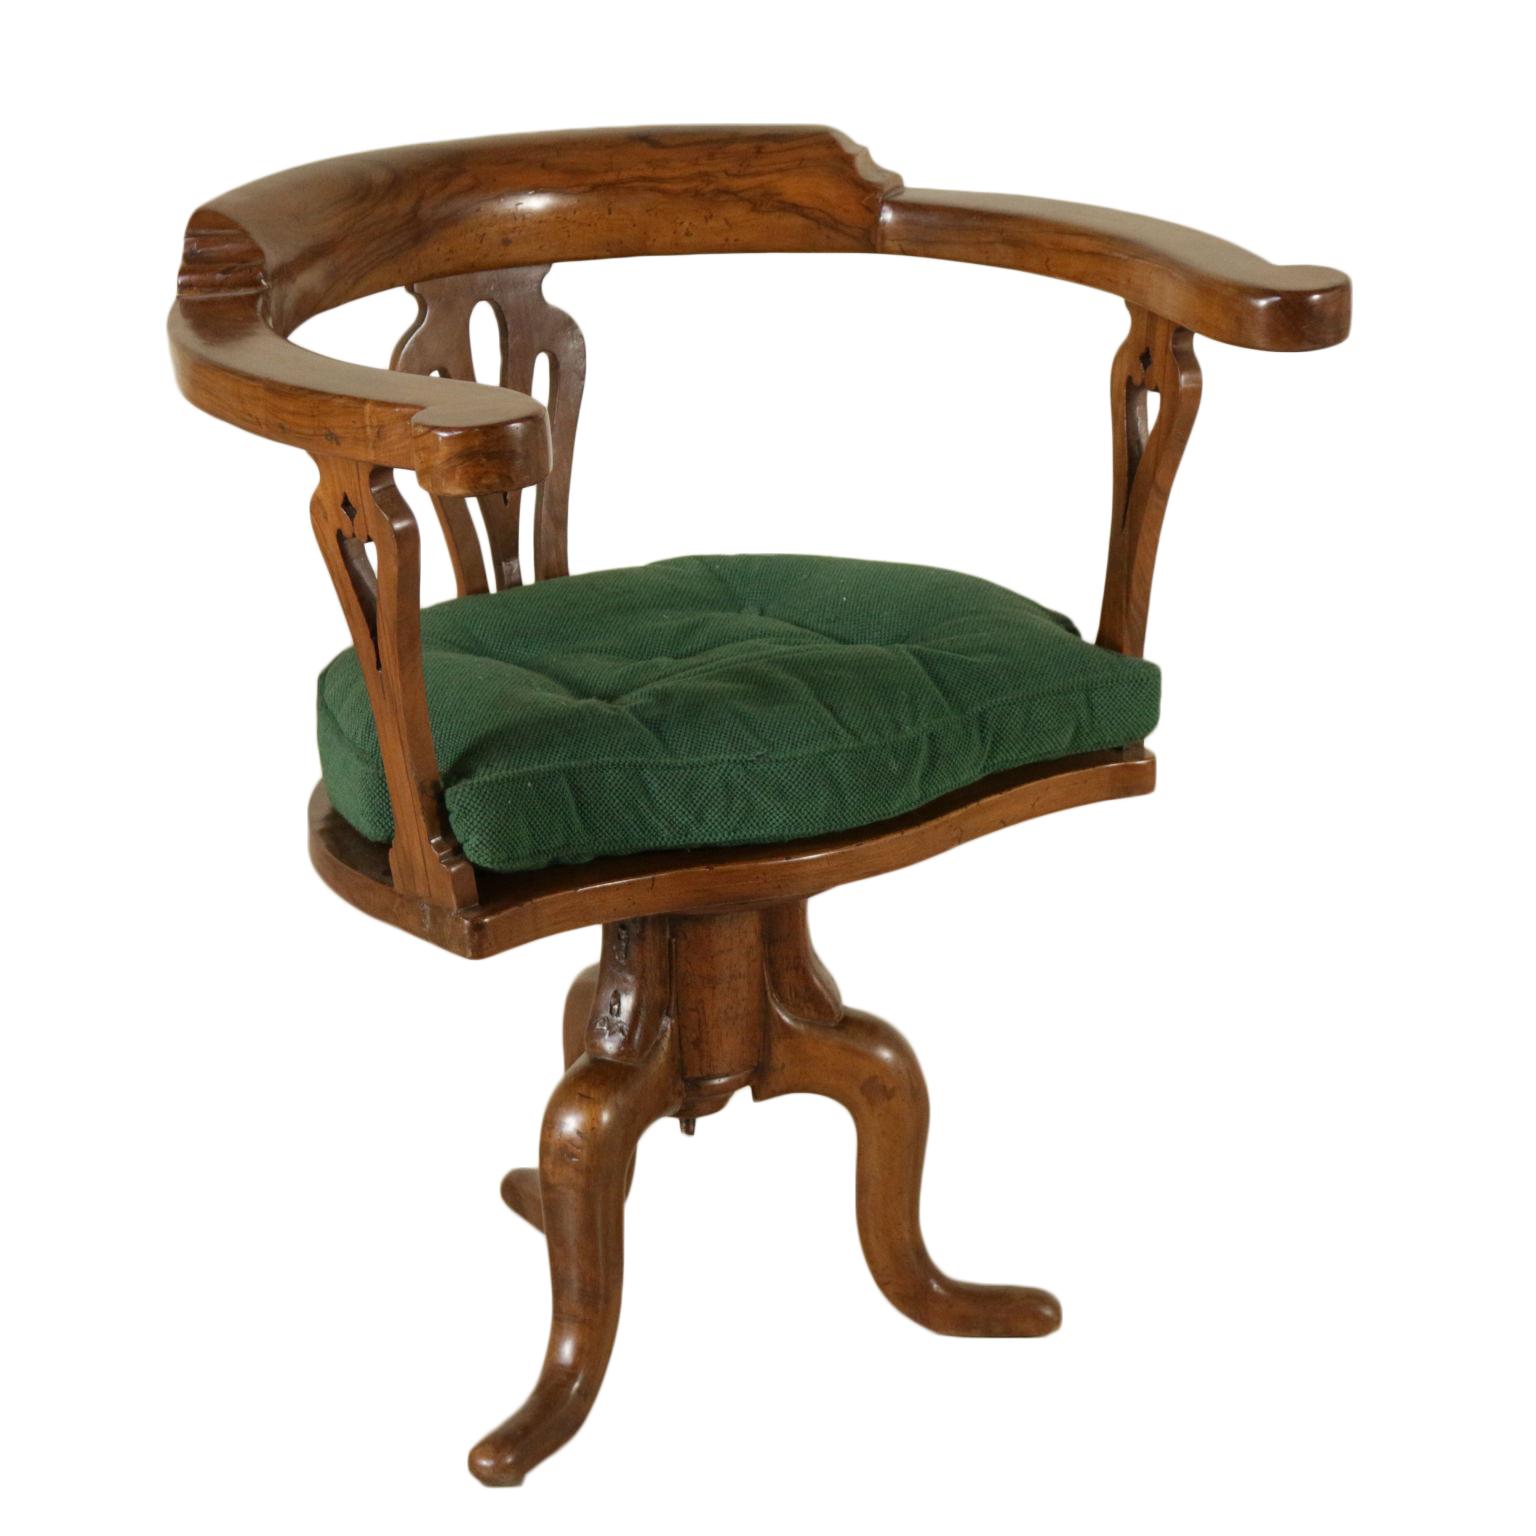 Sedia girevole sedie poltrone divani antiquariato for Poltrone sedie